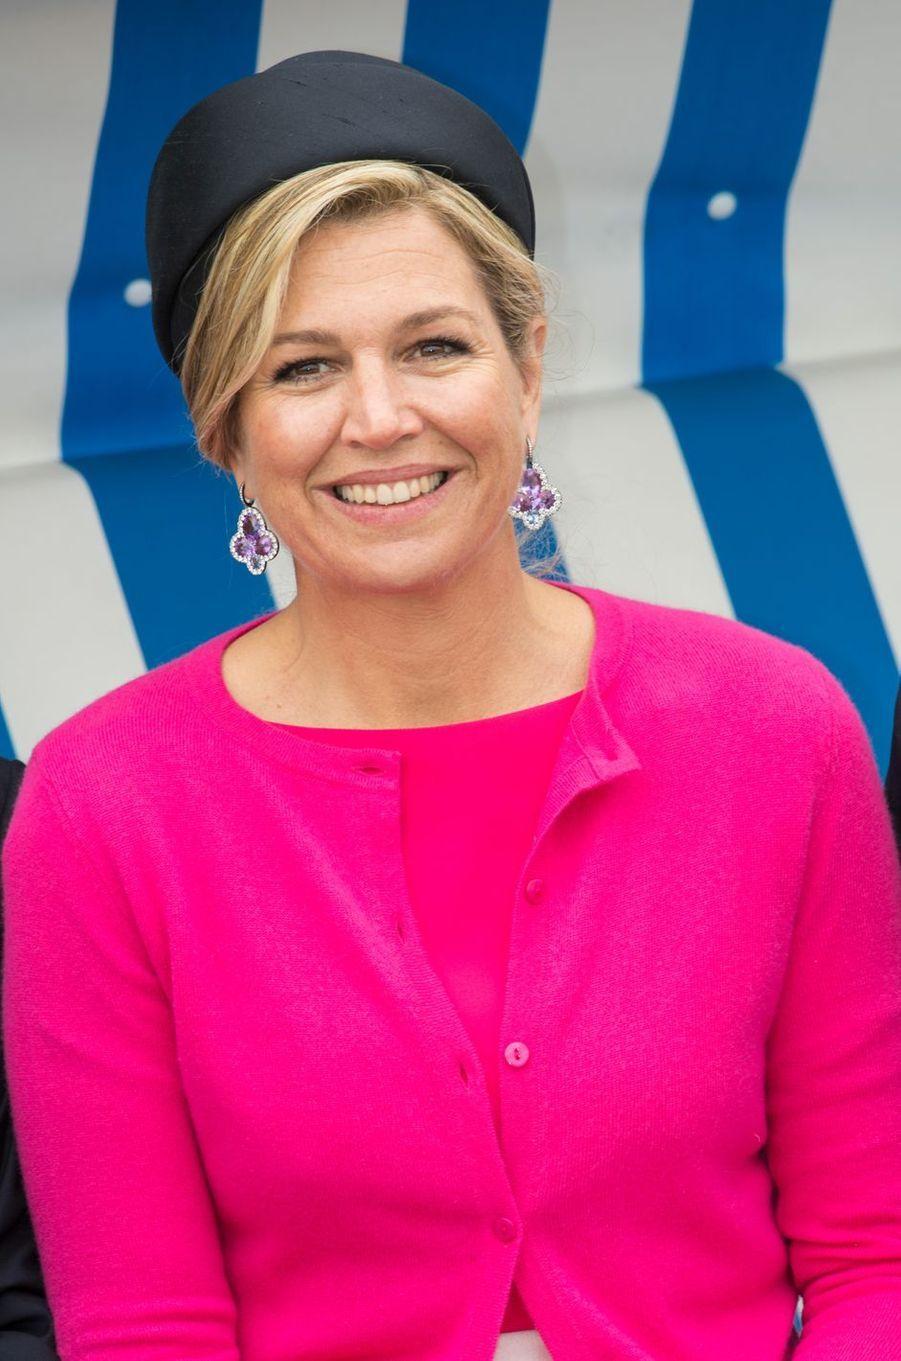 Les boucles d'oreille de la reine Maxima des Pays-Bas en Allemagne, le 20 mai 2019